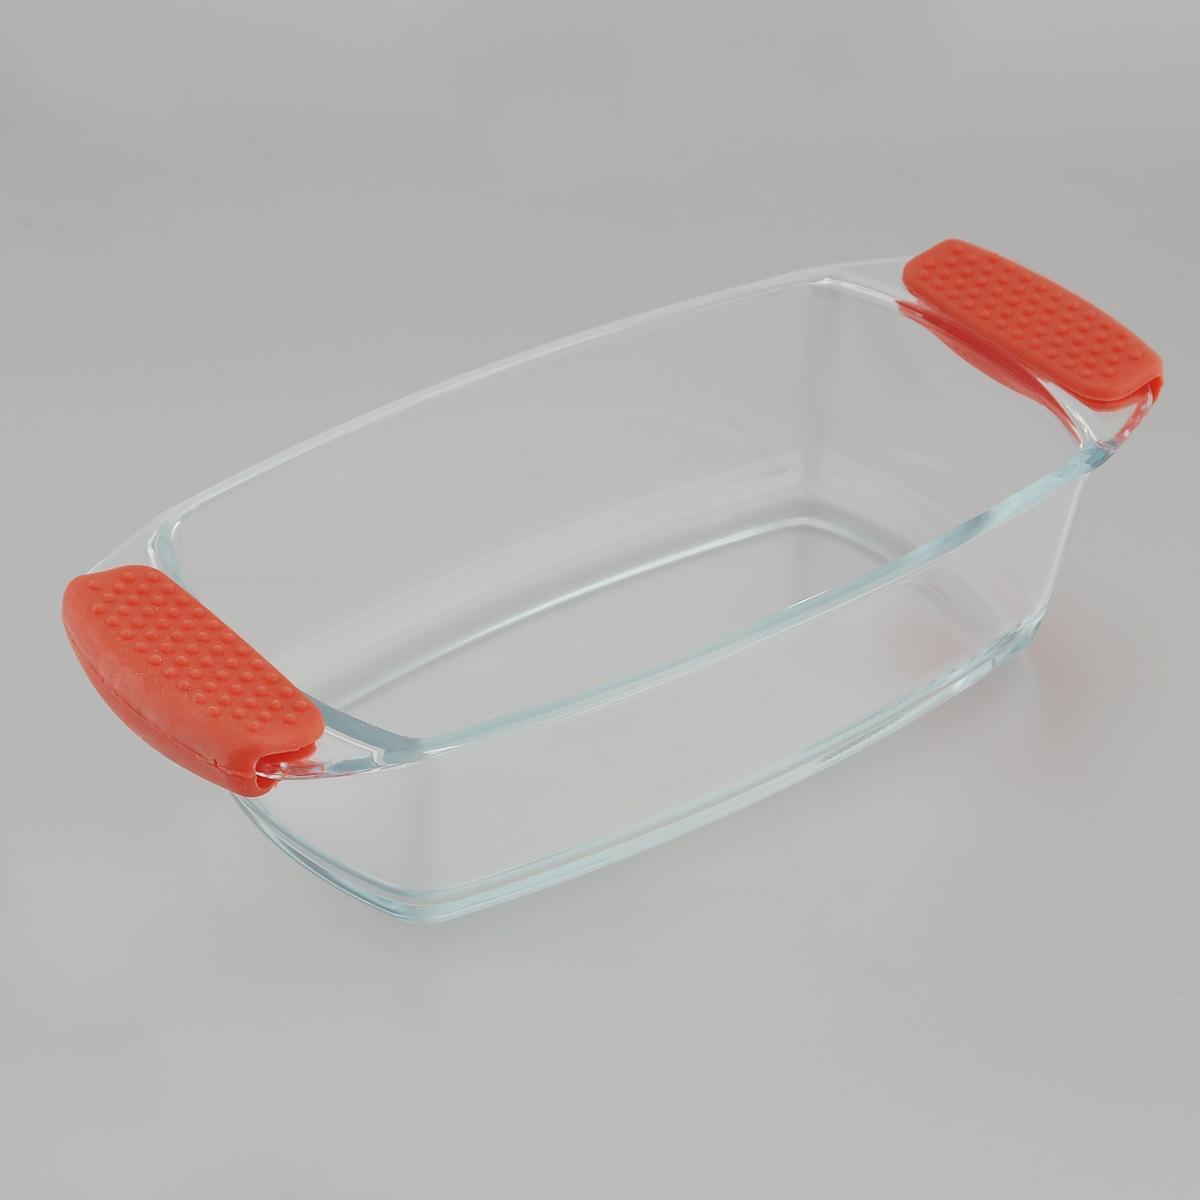 Форма для запекания Mijotex, прямоугольная, 30 х 14 х 7 см300180_синийПрямоугольная форма для запекания Mijotex изготовлена из жаропрочного стекла, которое выдерживает температуру до +450°С. Форма предназначена для приготовления горячих блюд. Оснащена двумя ненагревающимися ручками с силиконовыми вставками. Материал изделия гигиеничен, прост в уходе и обладает высокой степенью прочности. Форма идеально подходит для использования в духовках, микроволновых печах, холодильниках и морозильных камерах. Также ее можно использовать на газовых плитах (на слабом огне) и на электроплитах. Можно мыть в посудомоечной машине.Внутренний размер формы: 23,5 х 13 см.Внешний размер формы (с учетом ручек): 30 х 14 см. Высота стенки формы: 7 см.